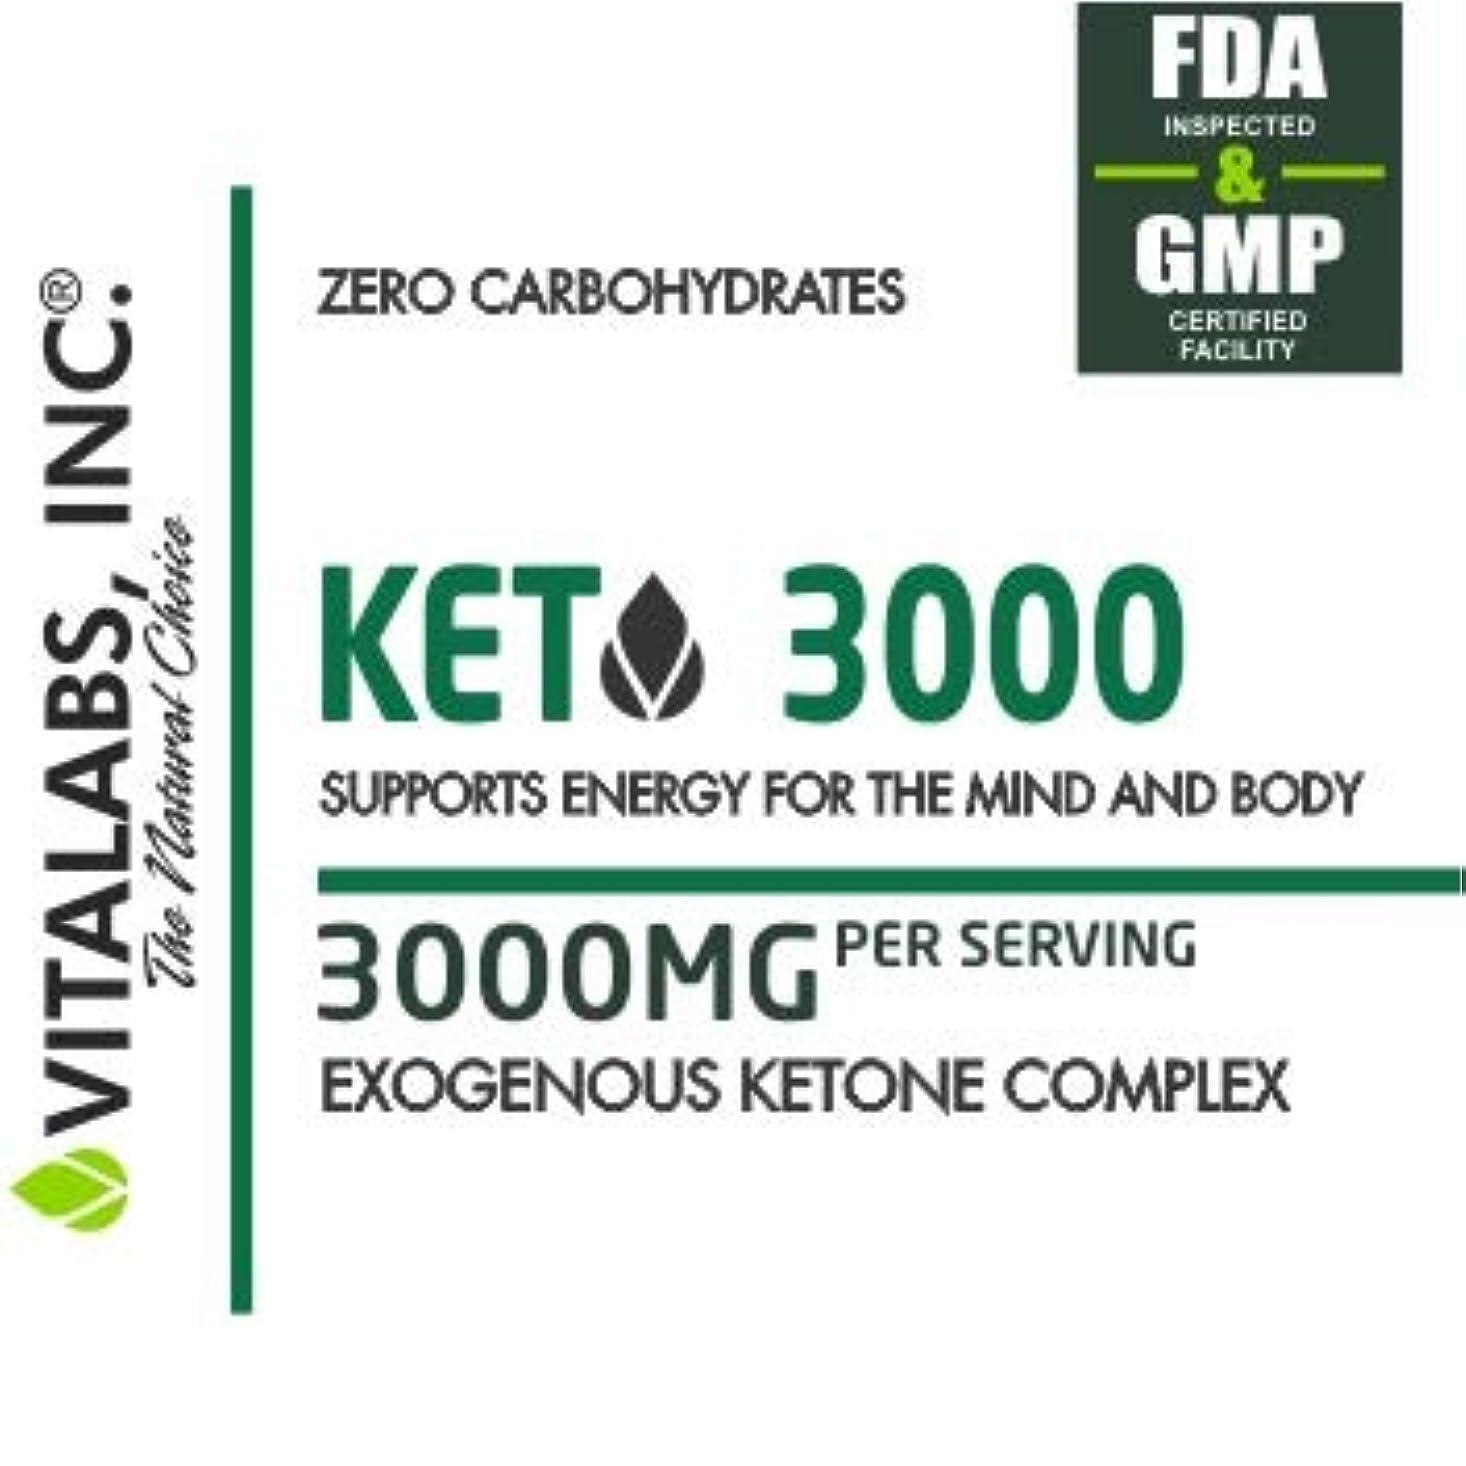 認識マットウォルターカニンガム低炭水化物状態を作る/ケトジェニックダイエットサポートサプリメント KETO 3000/ Vitalabs 【アメリカより直送】 (120カプセル(30回分))